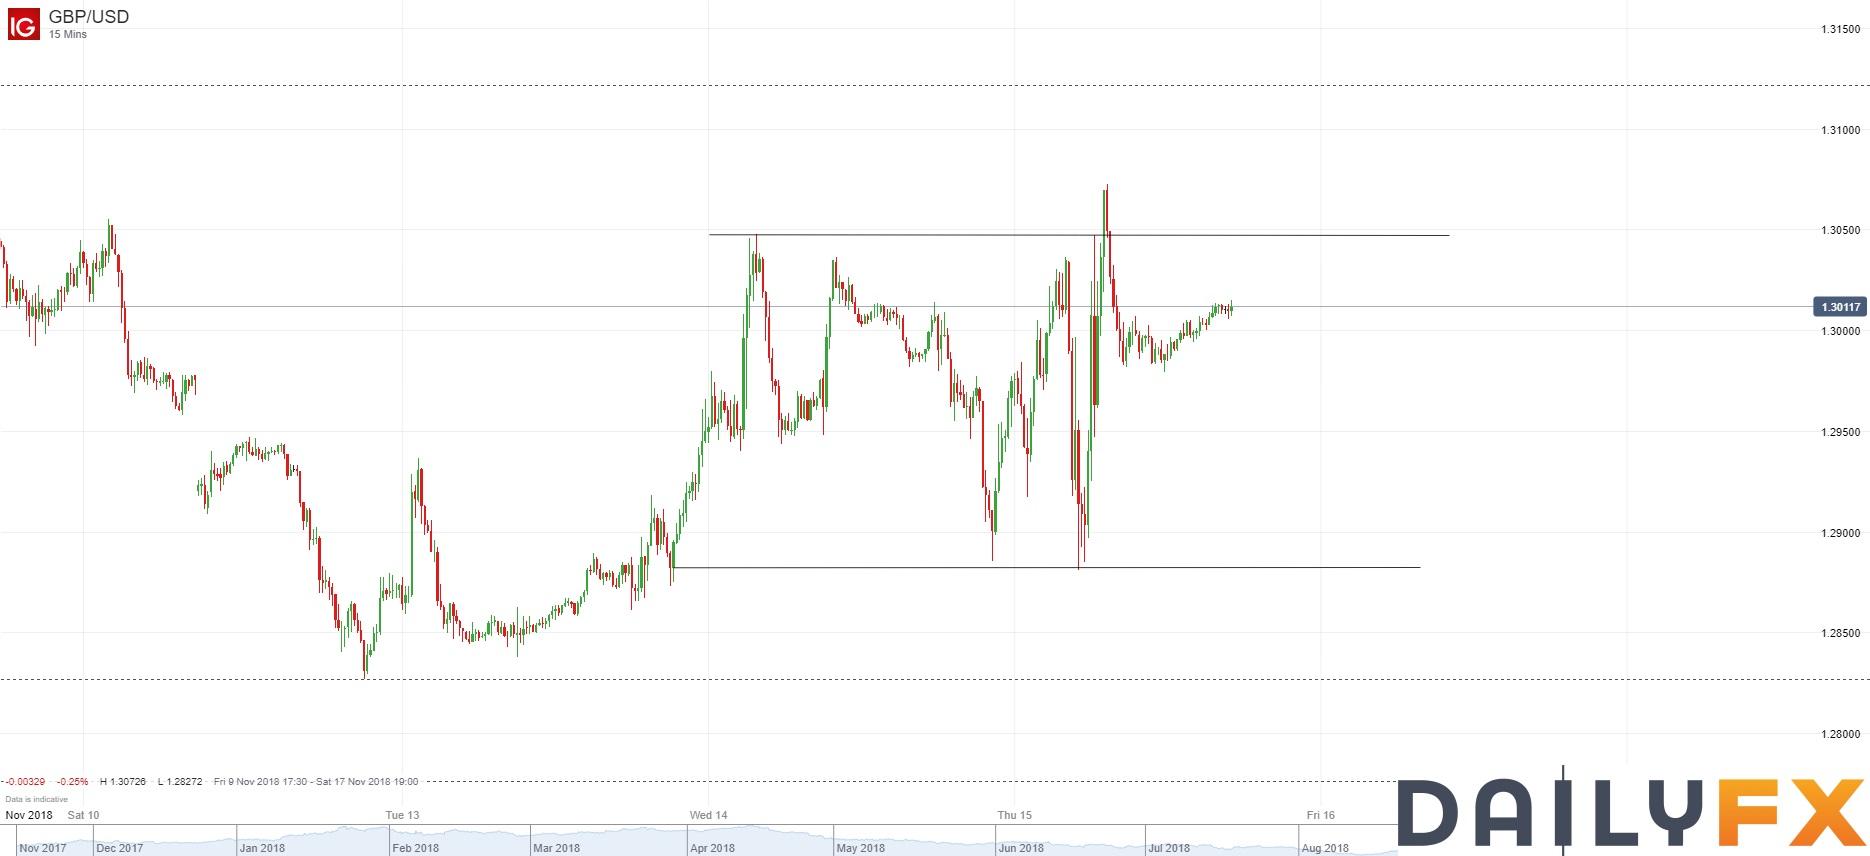 英鎊/美元技術分析:來回震盪,缺乏短期方向